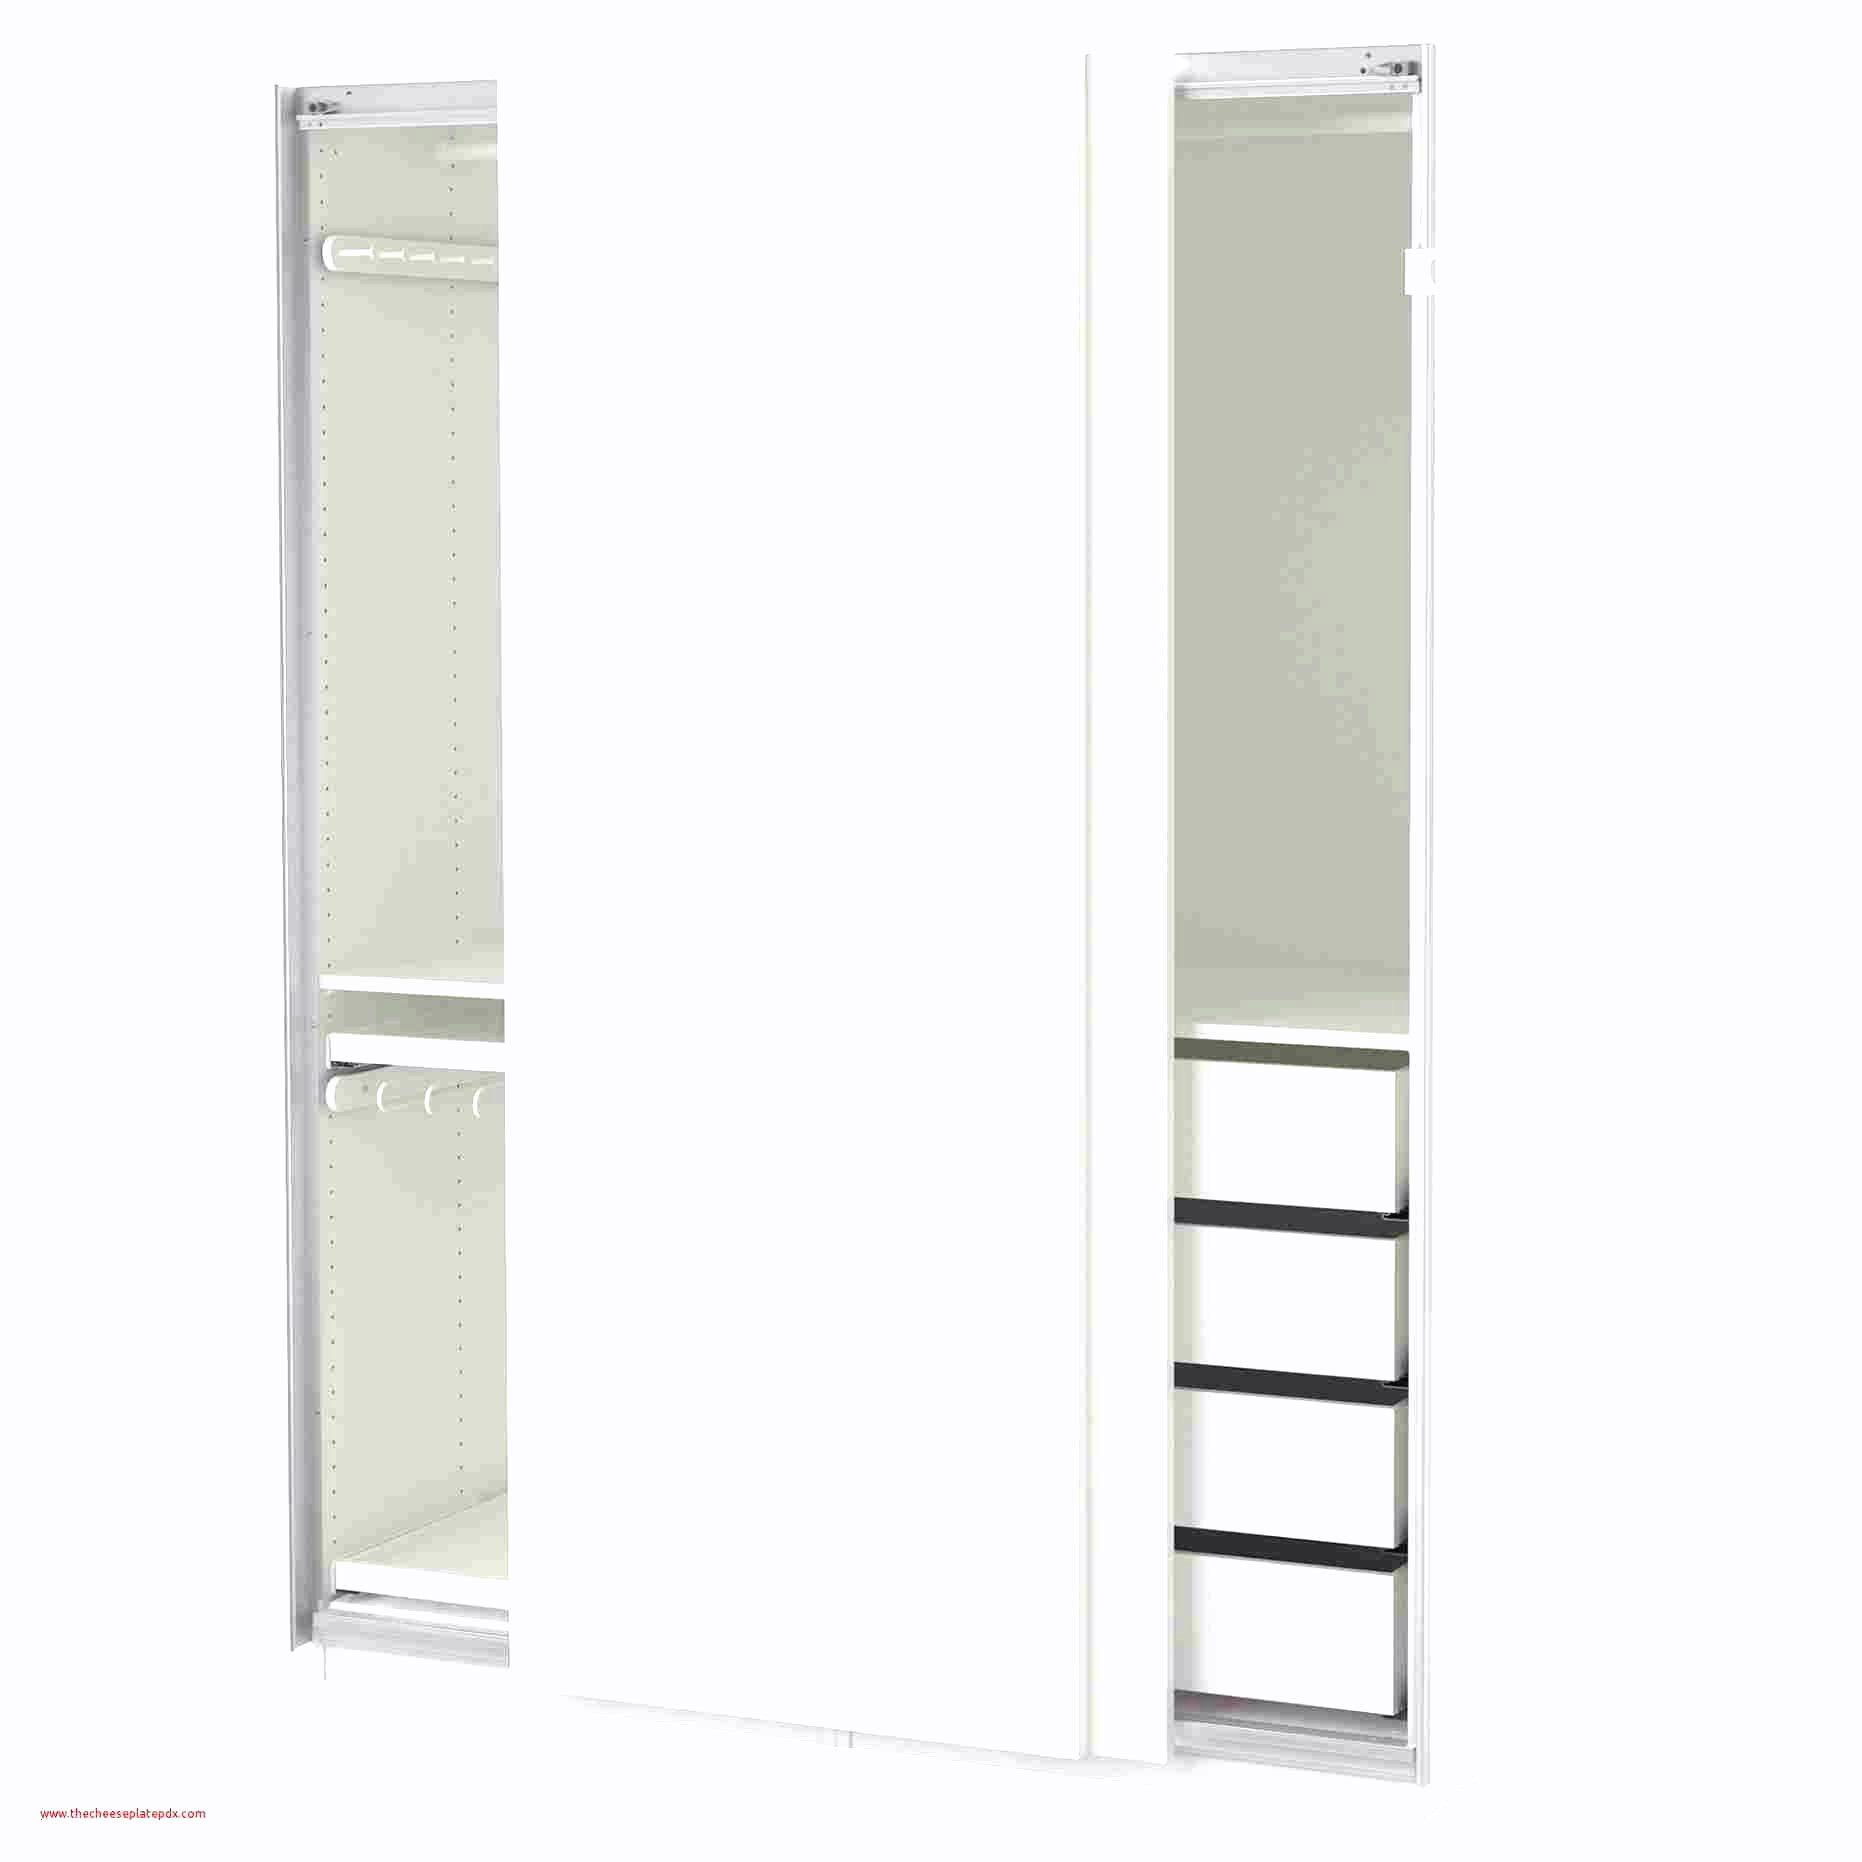 Schrank Mit Waschekorb Ikea Decor Home Decor Storage